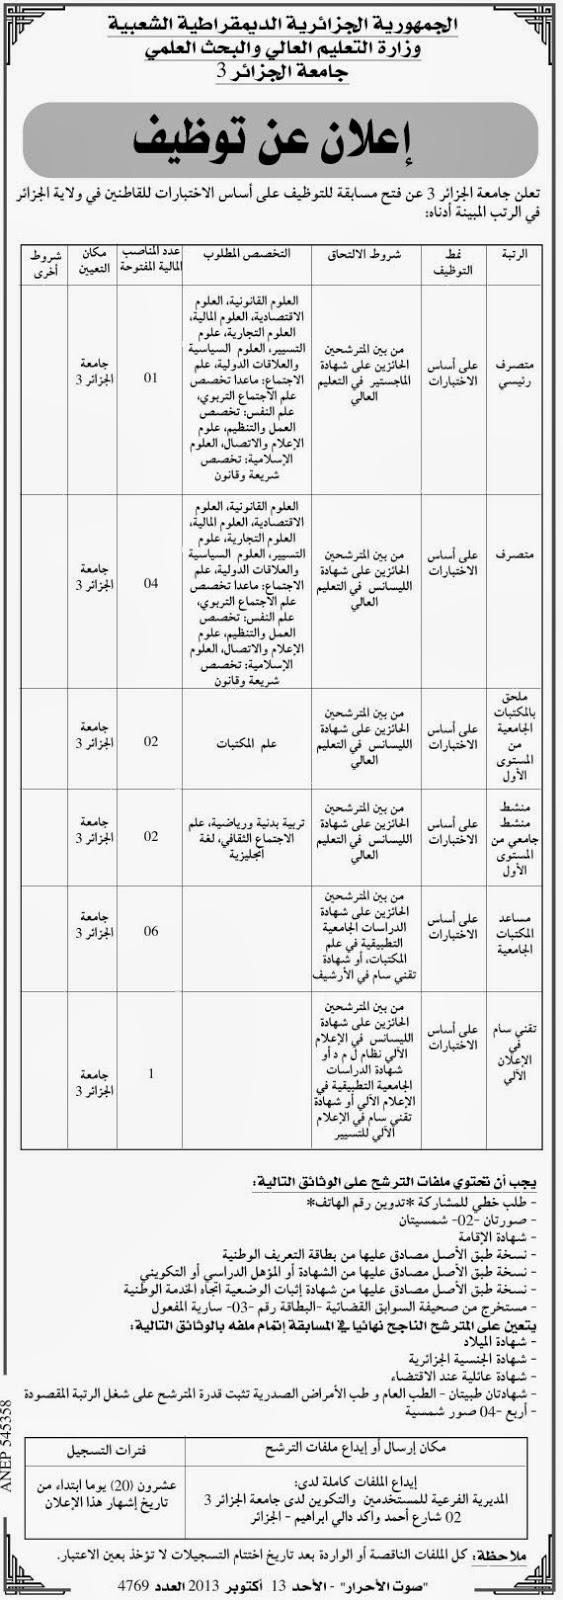 اعلان عن توظيف في جامعة الجزائر 3 الأسلاك المشتركة أكتوبر 2013 %D8%A7%D9%84%D8%AC%D